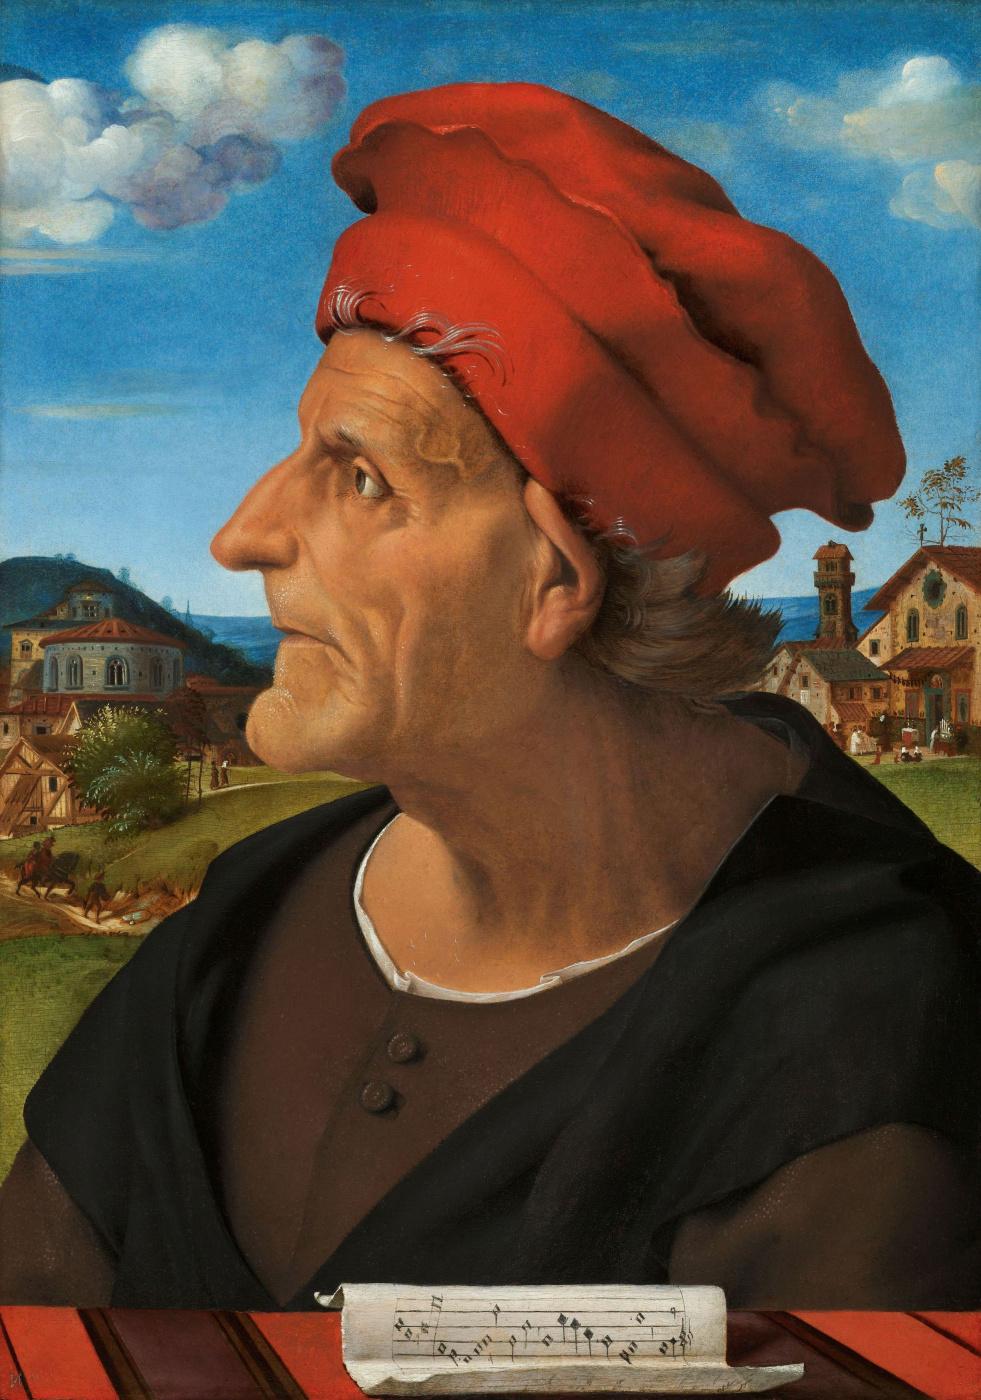 Piero di Cosimo. Portrait of Francesco Giamberti da Sangallo